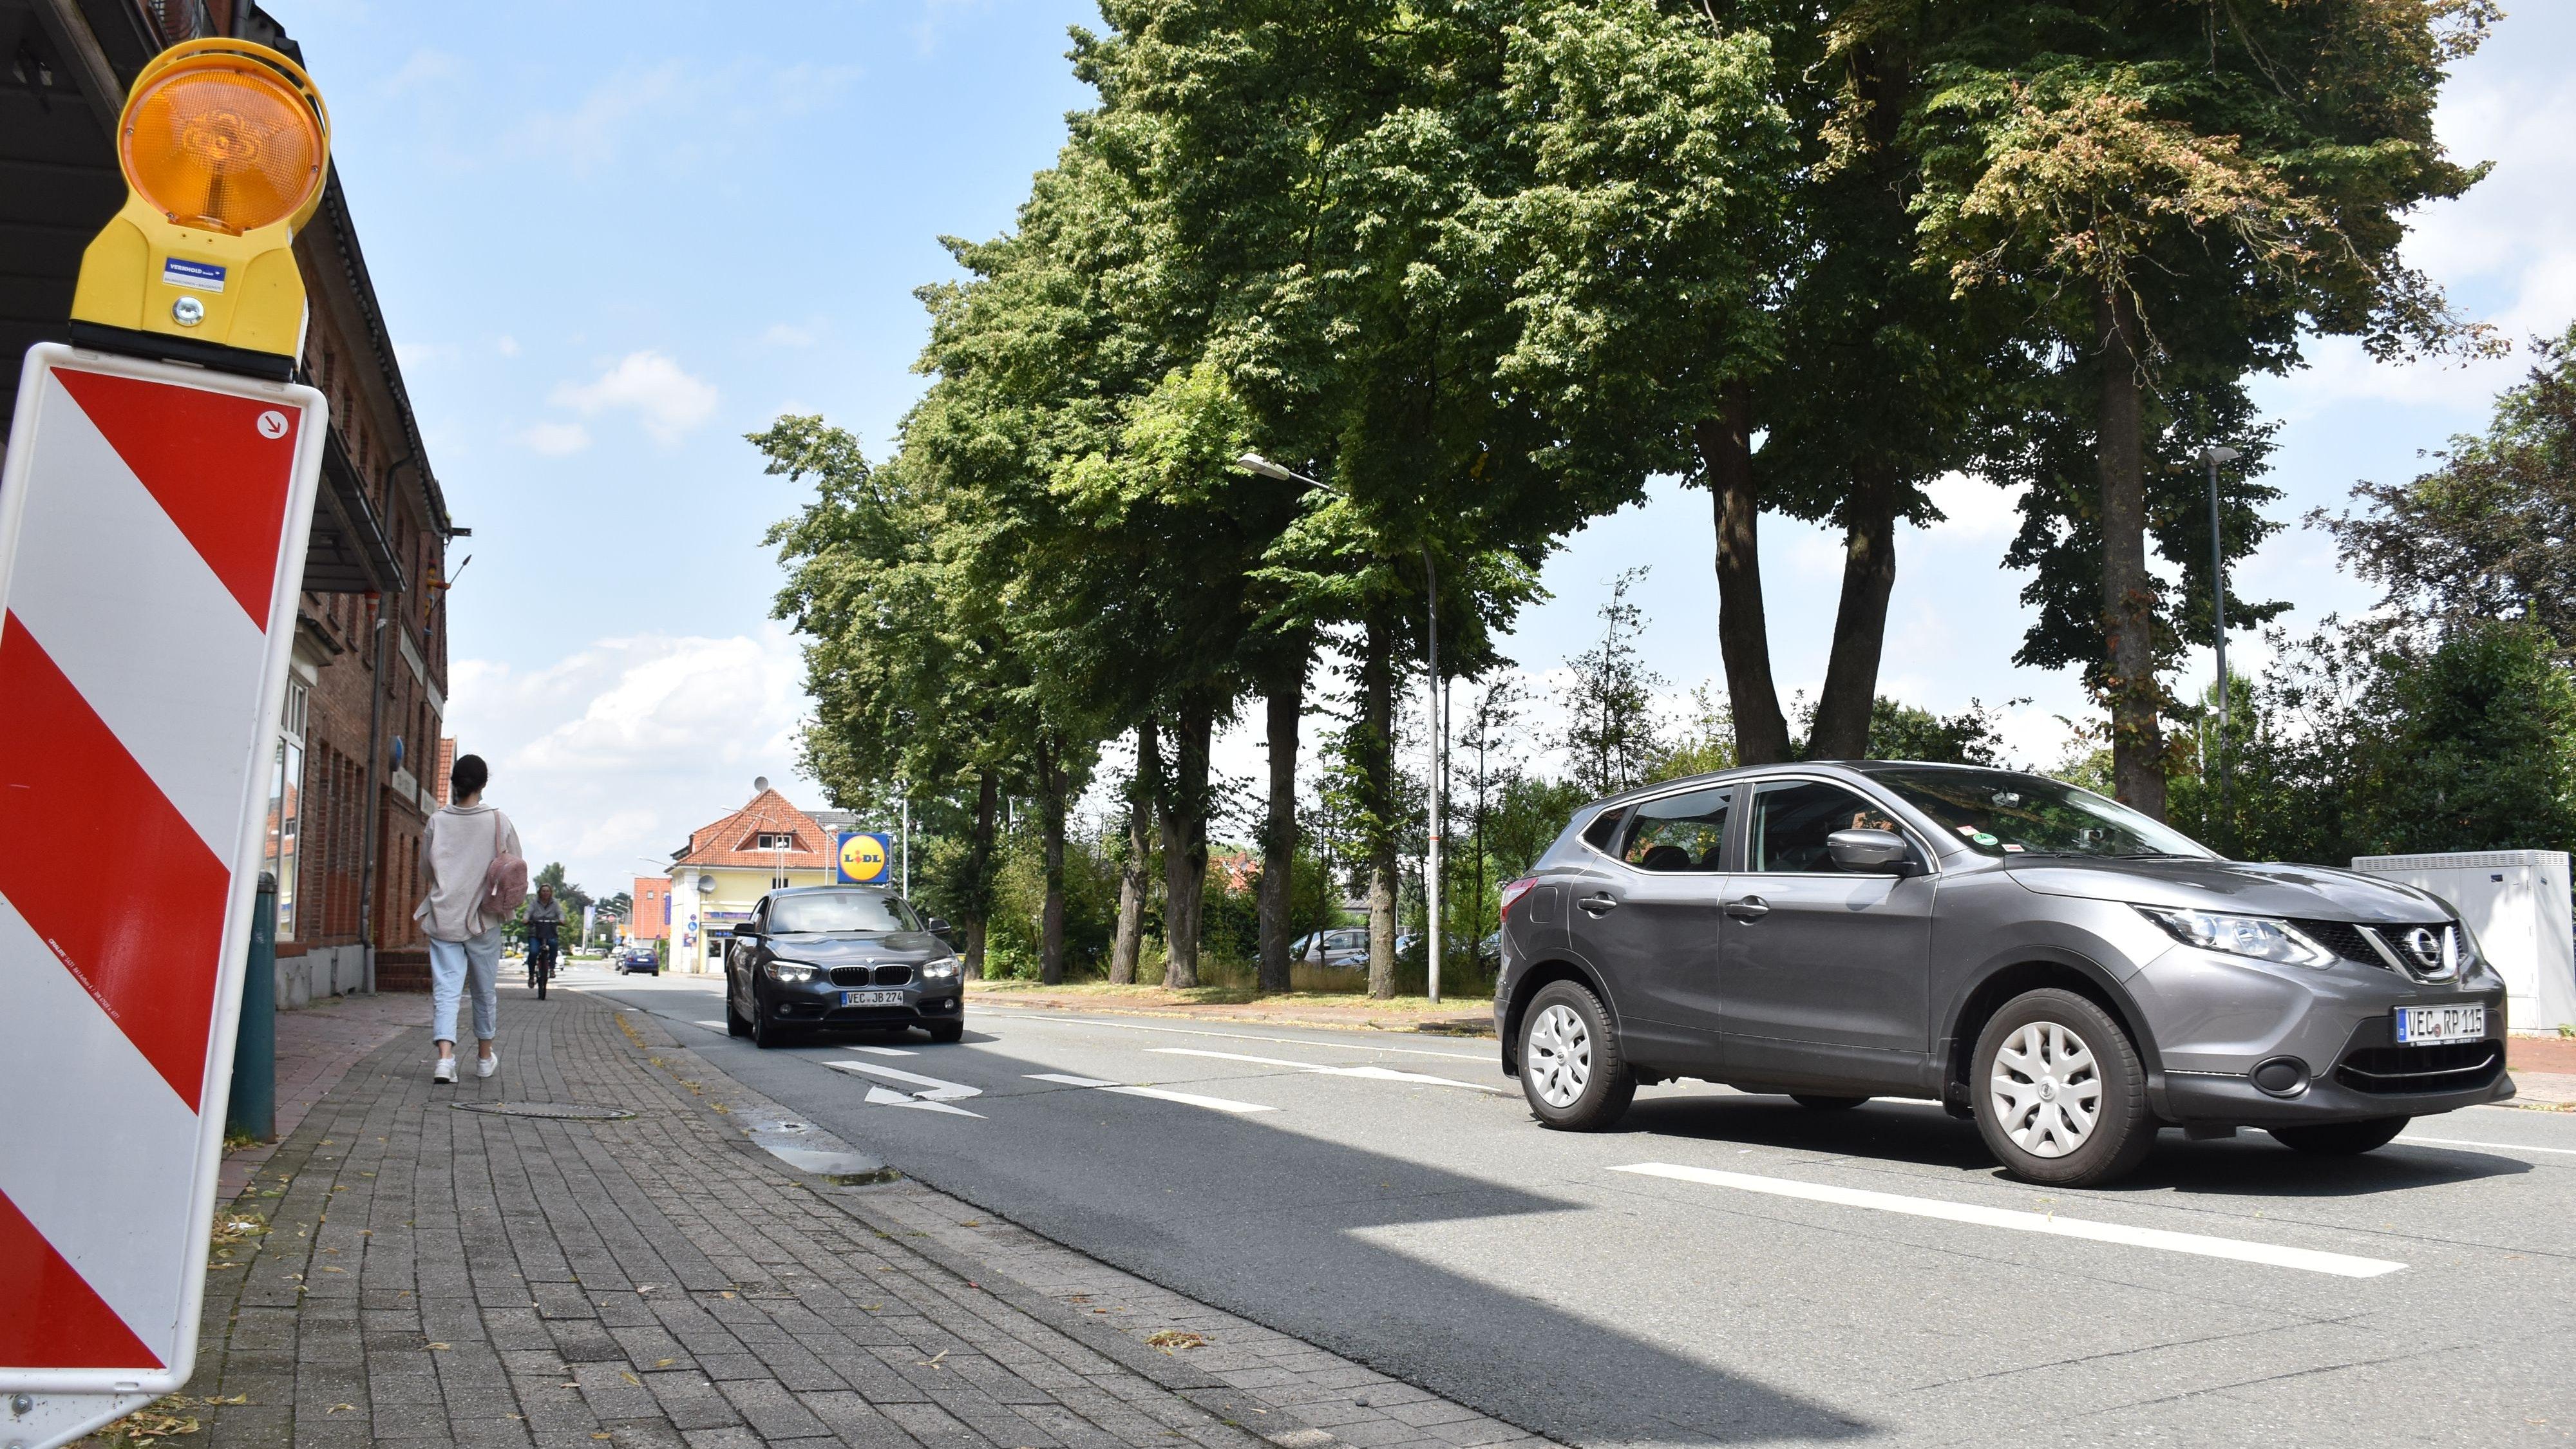 Baustart in der 2. Jahreshälfte 2022: Nach dem Ende der Arbeiten an der Steinfelder Straße soll der Ausbau der Keetstraße in der Innenstadt beginnen. Die Ausschreibungen für das Projekt erfolgen voraussichtlich im Frühjahr 2022. Foto: Timphaus